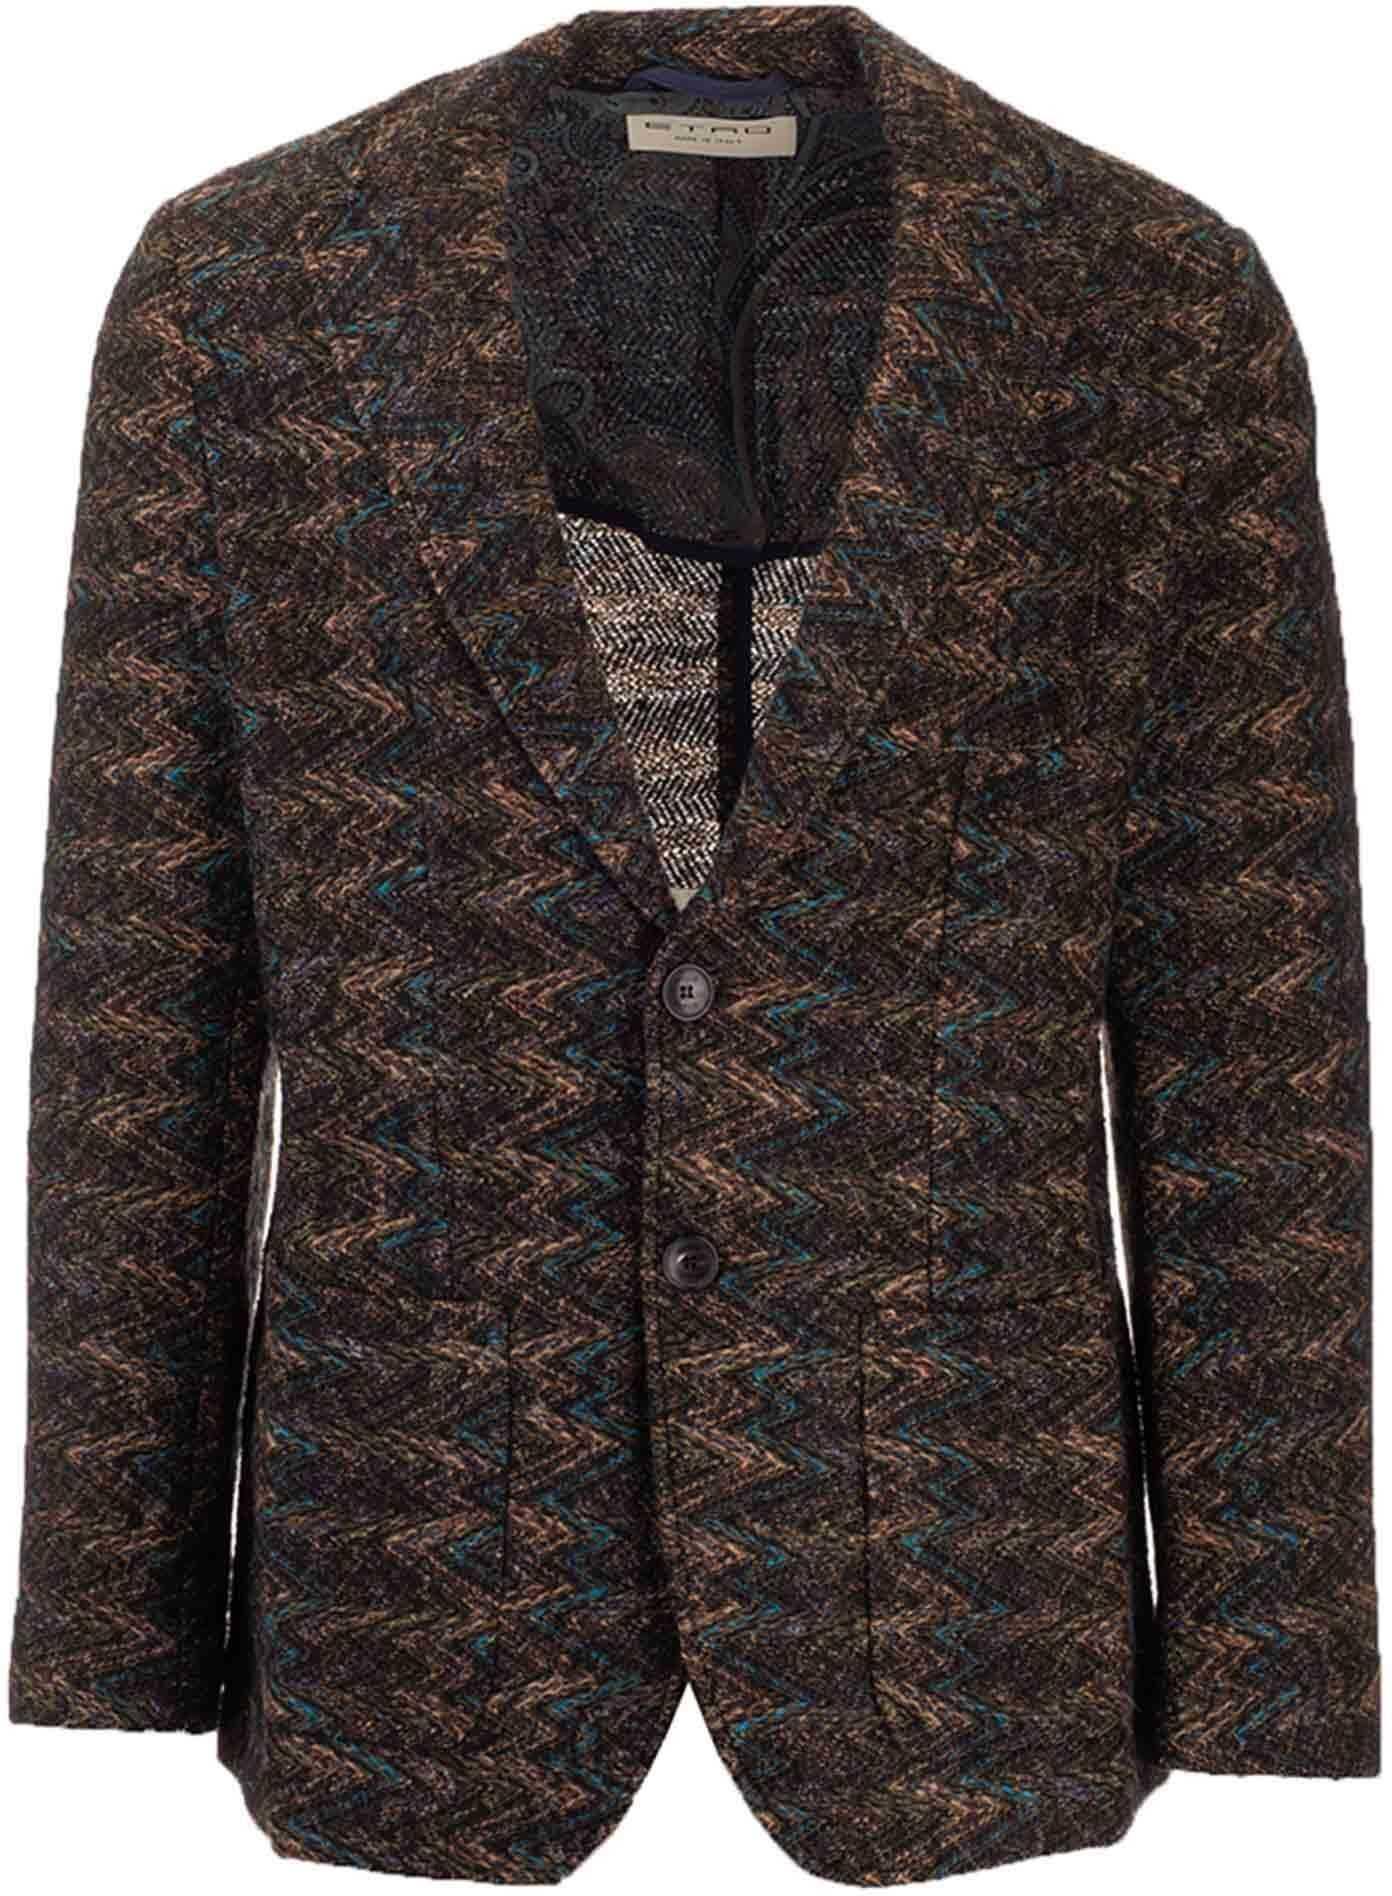 ETRO Zig Zag Jacket In Brown Brown imagine